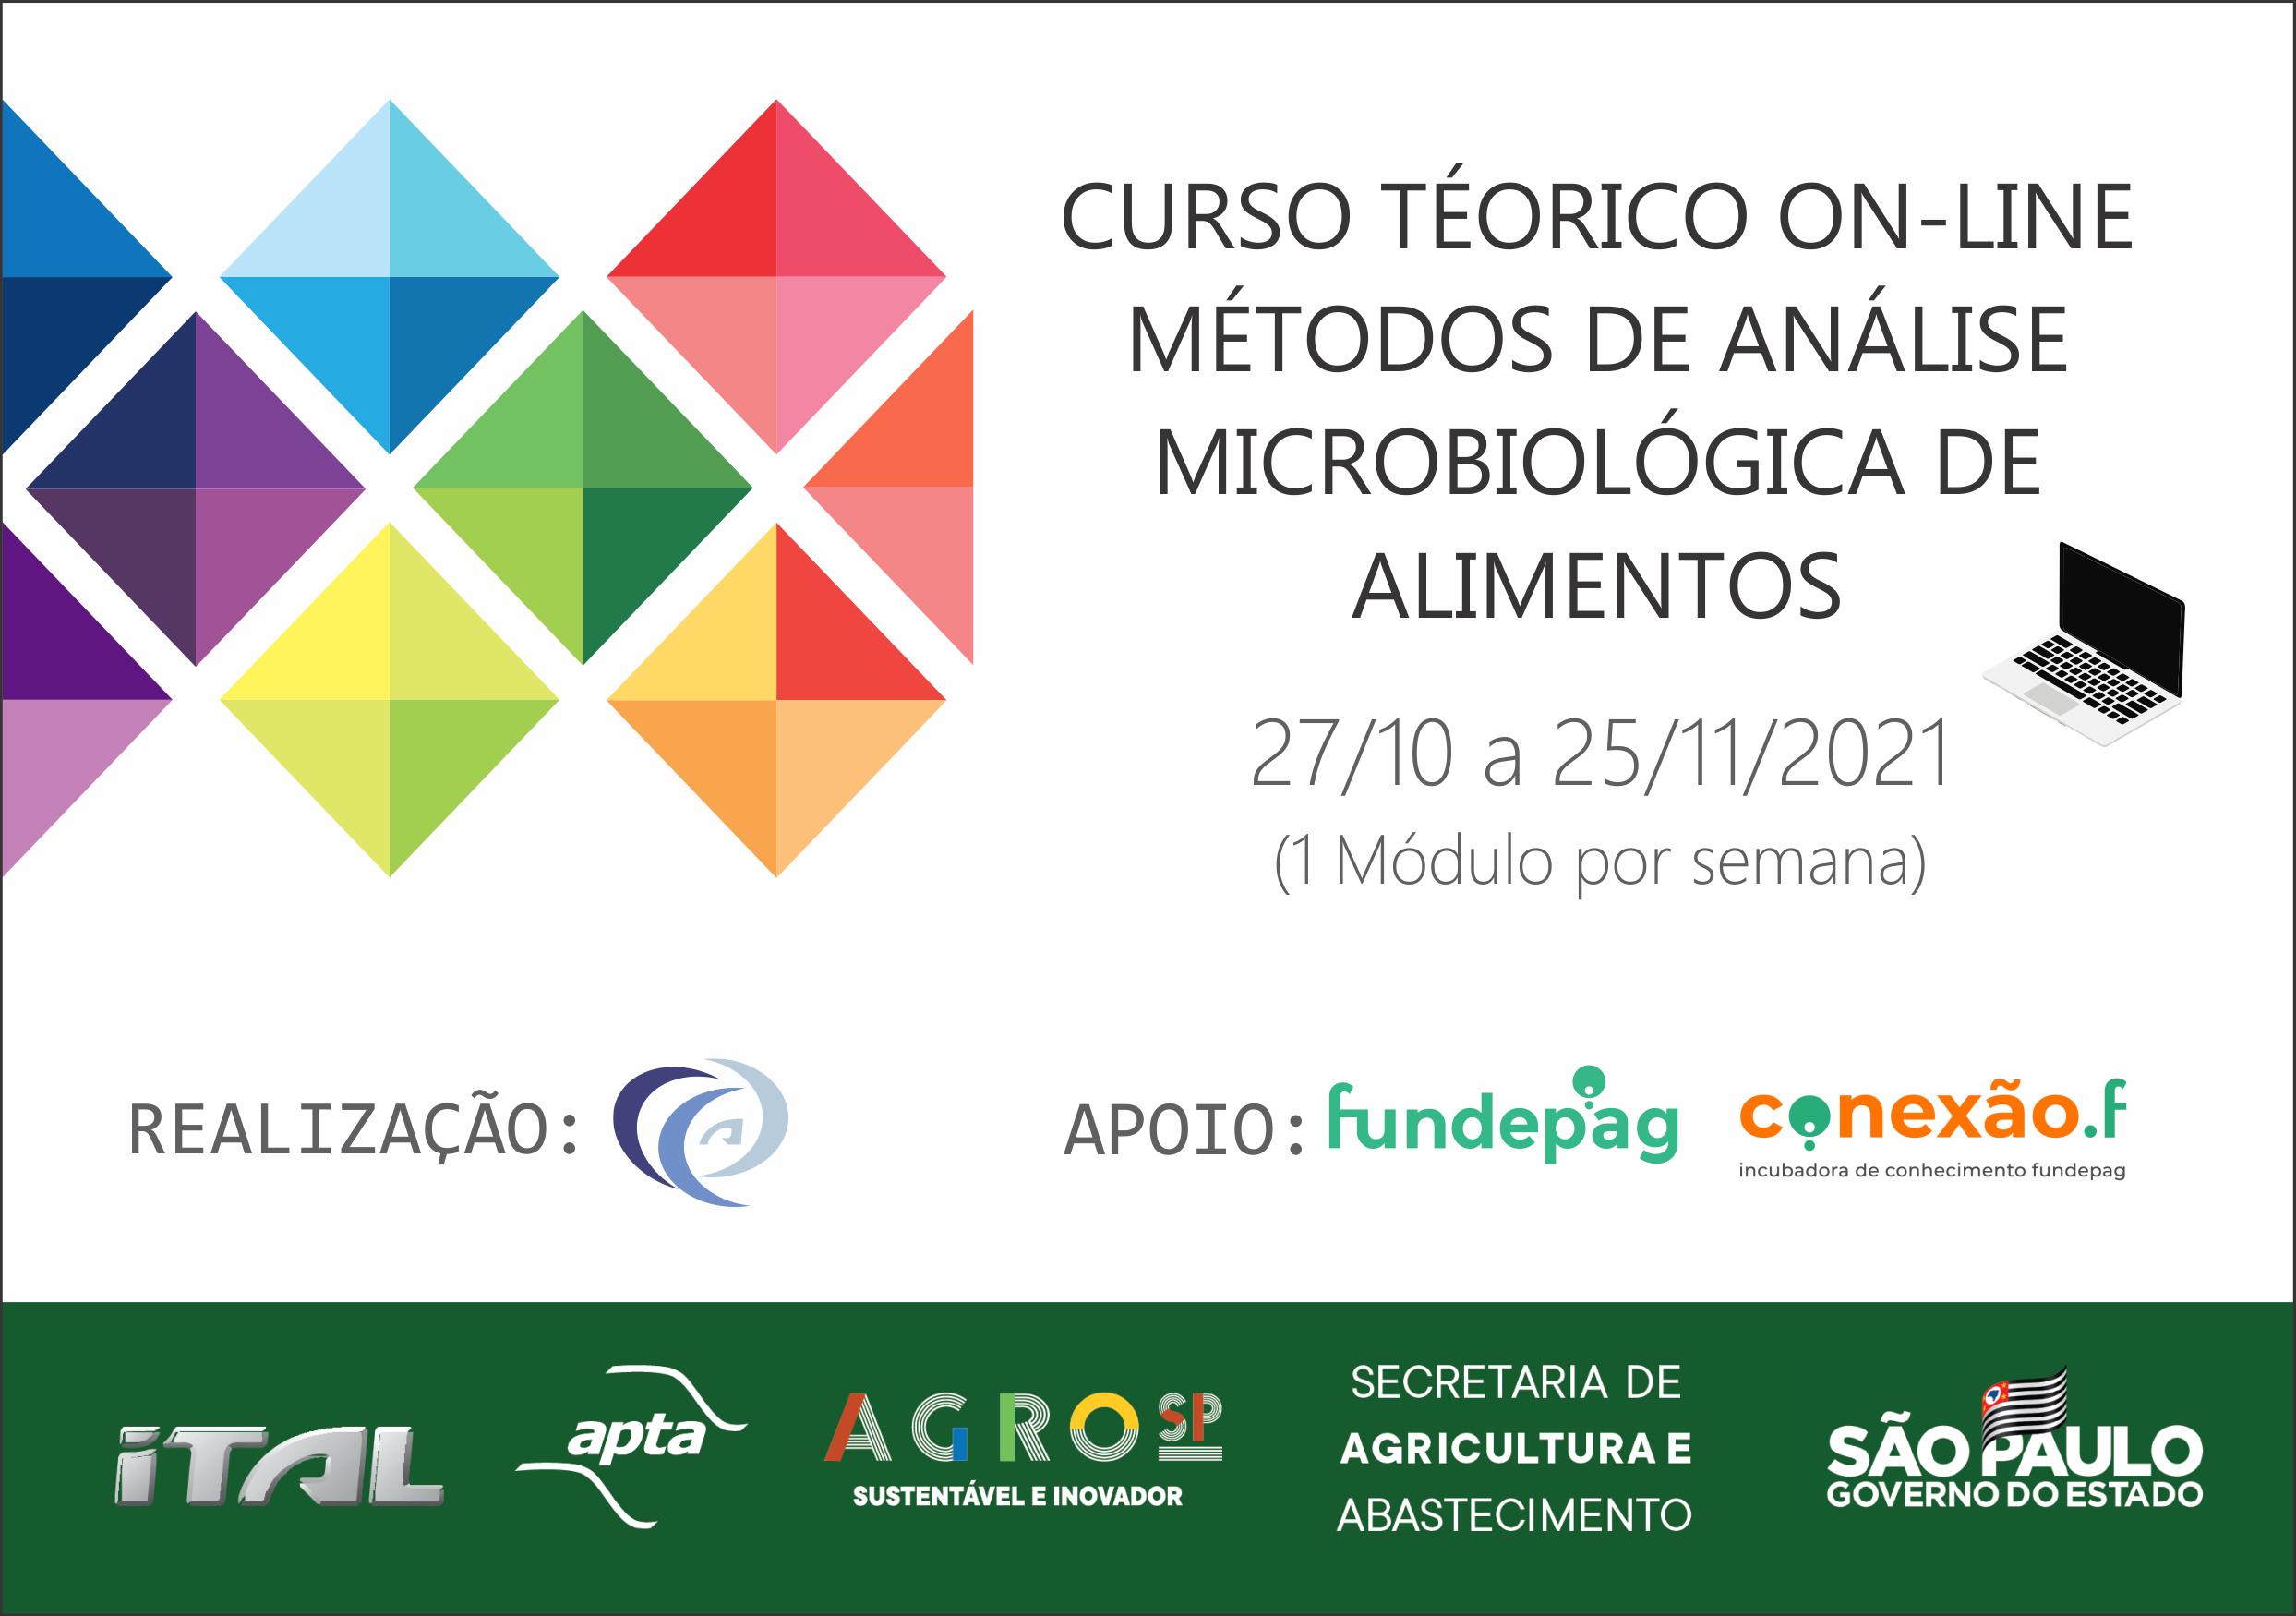 Curso teórico on-line de métodos de análise microbiológica de alimentos: Bacillus cereus; Bolores e Leveduras – módulo 1